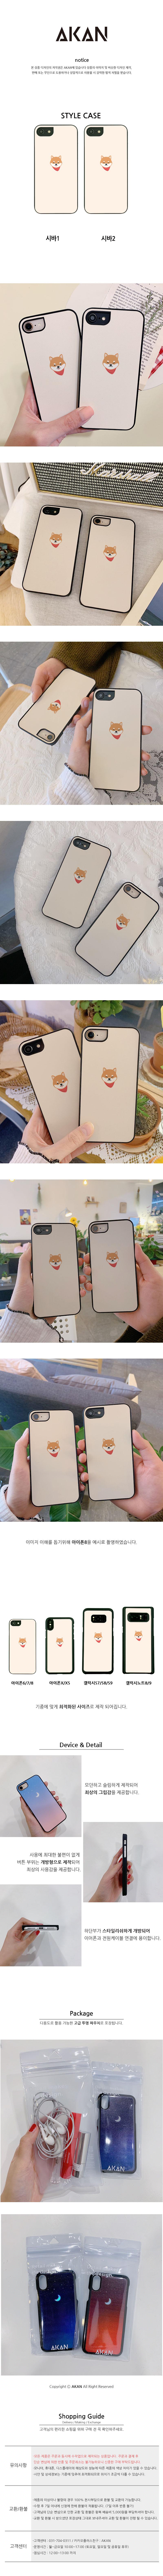 아이폰5 마메시바 STYLE 케이스 - 아칸, 9,800원, 케이스, 아이폰5/5S/5SE